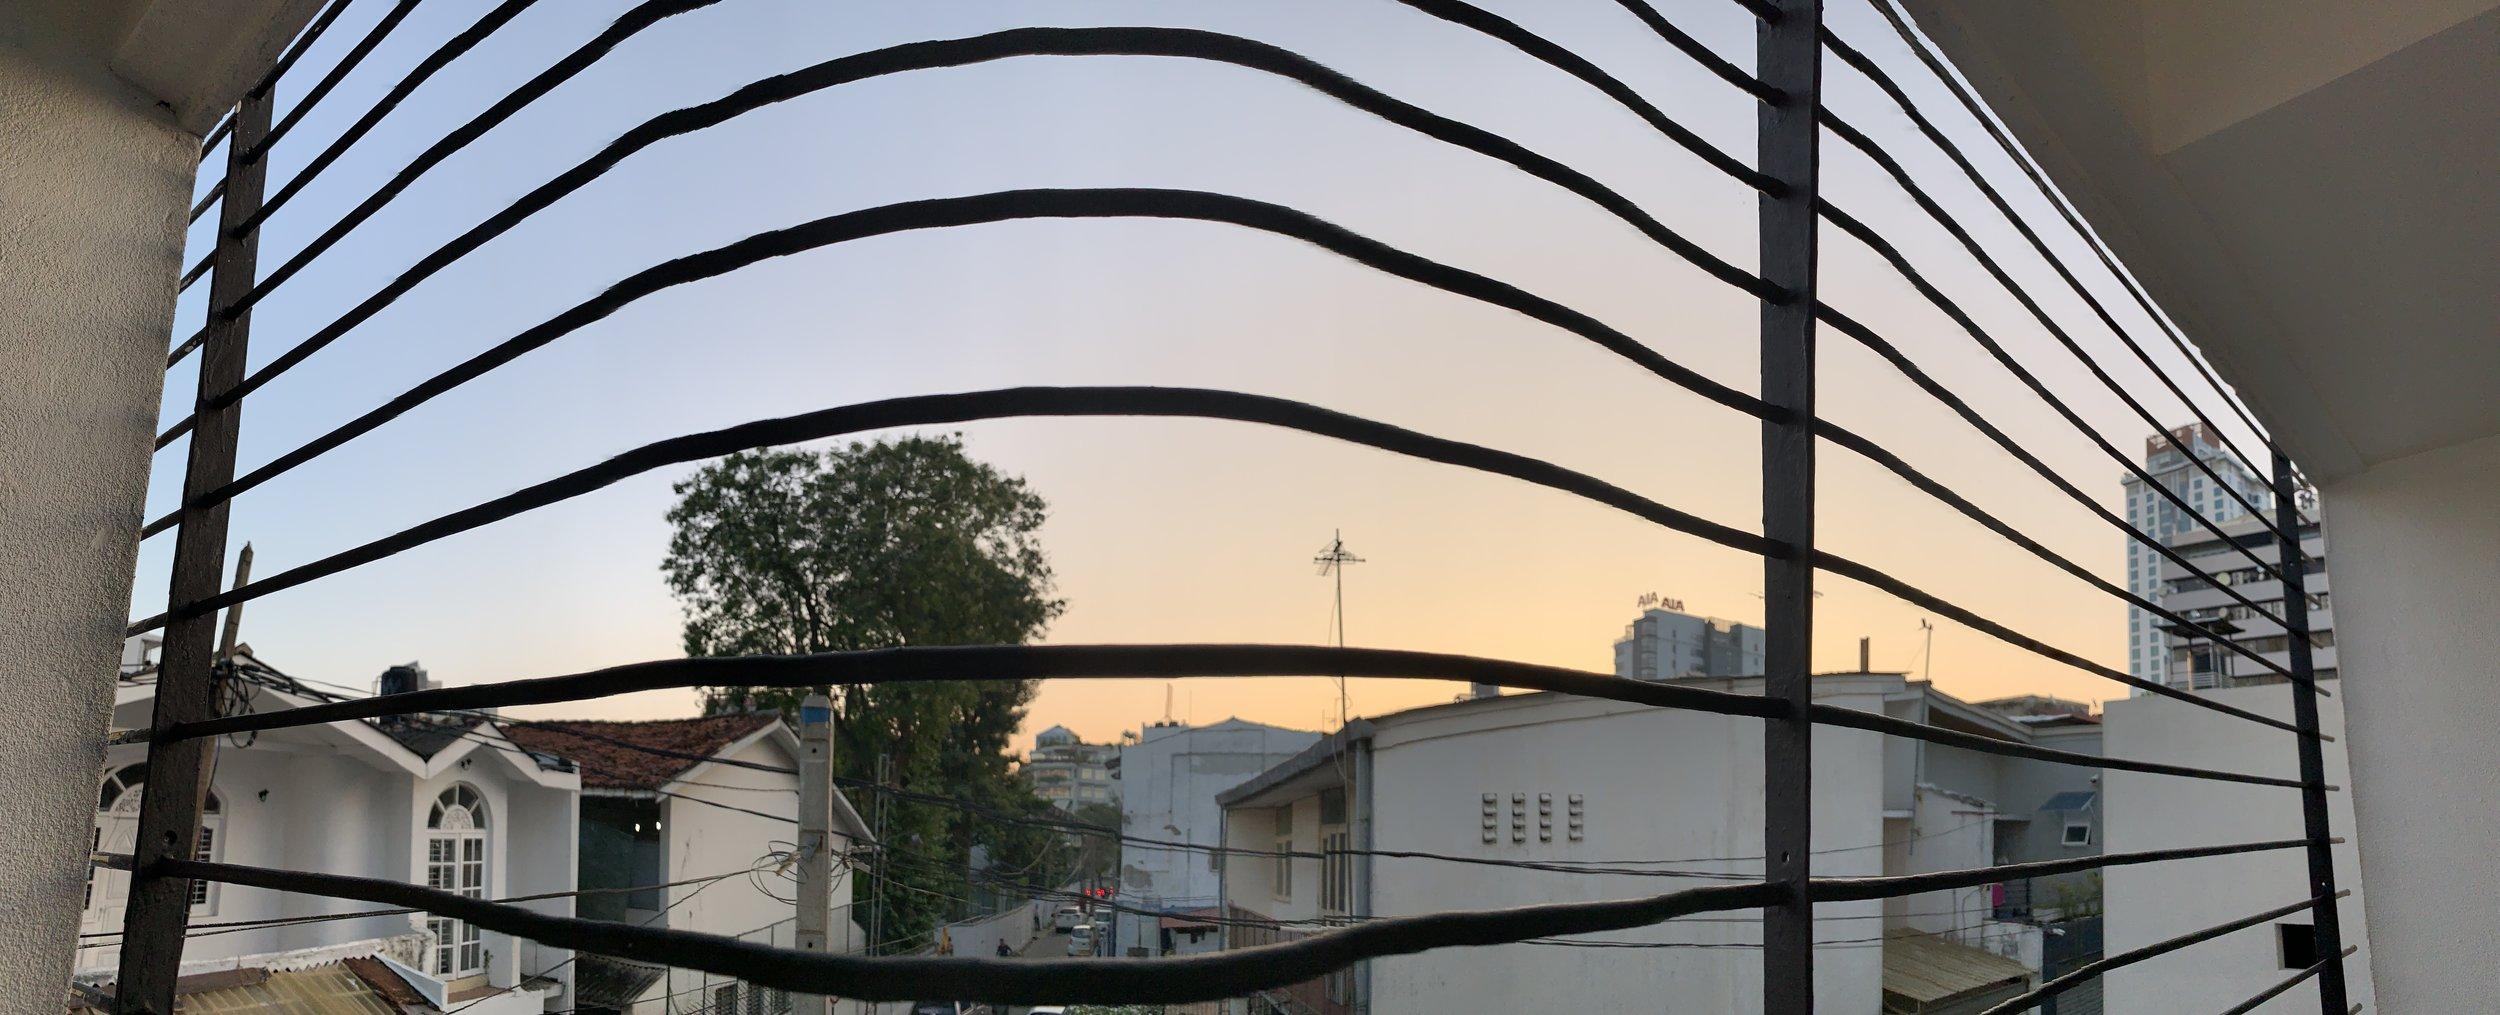 Der Abendhimmel über Colombo.jpg